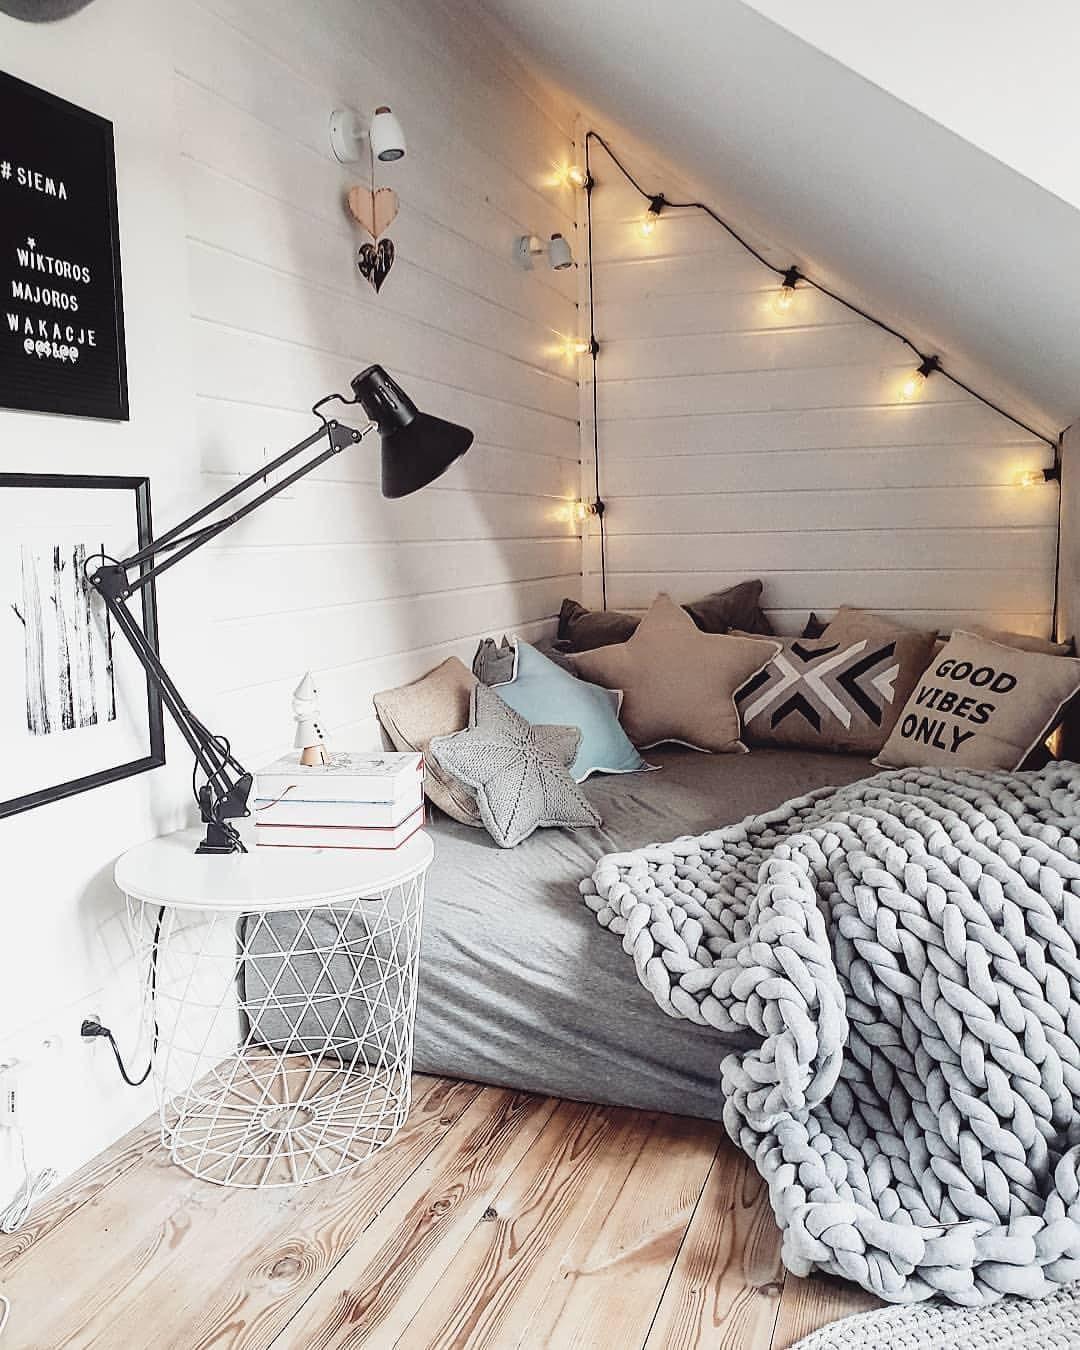 Tumblr Zimmer Inspiration: 50 tolle Schlafzimmer Deko Ideen für Teenager!